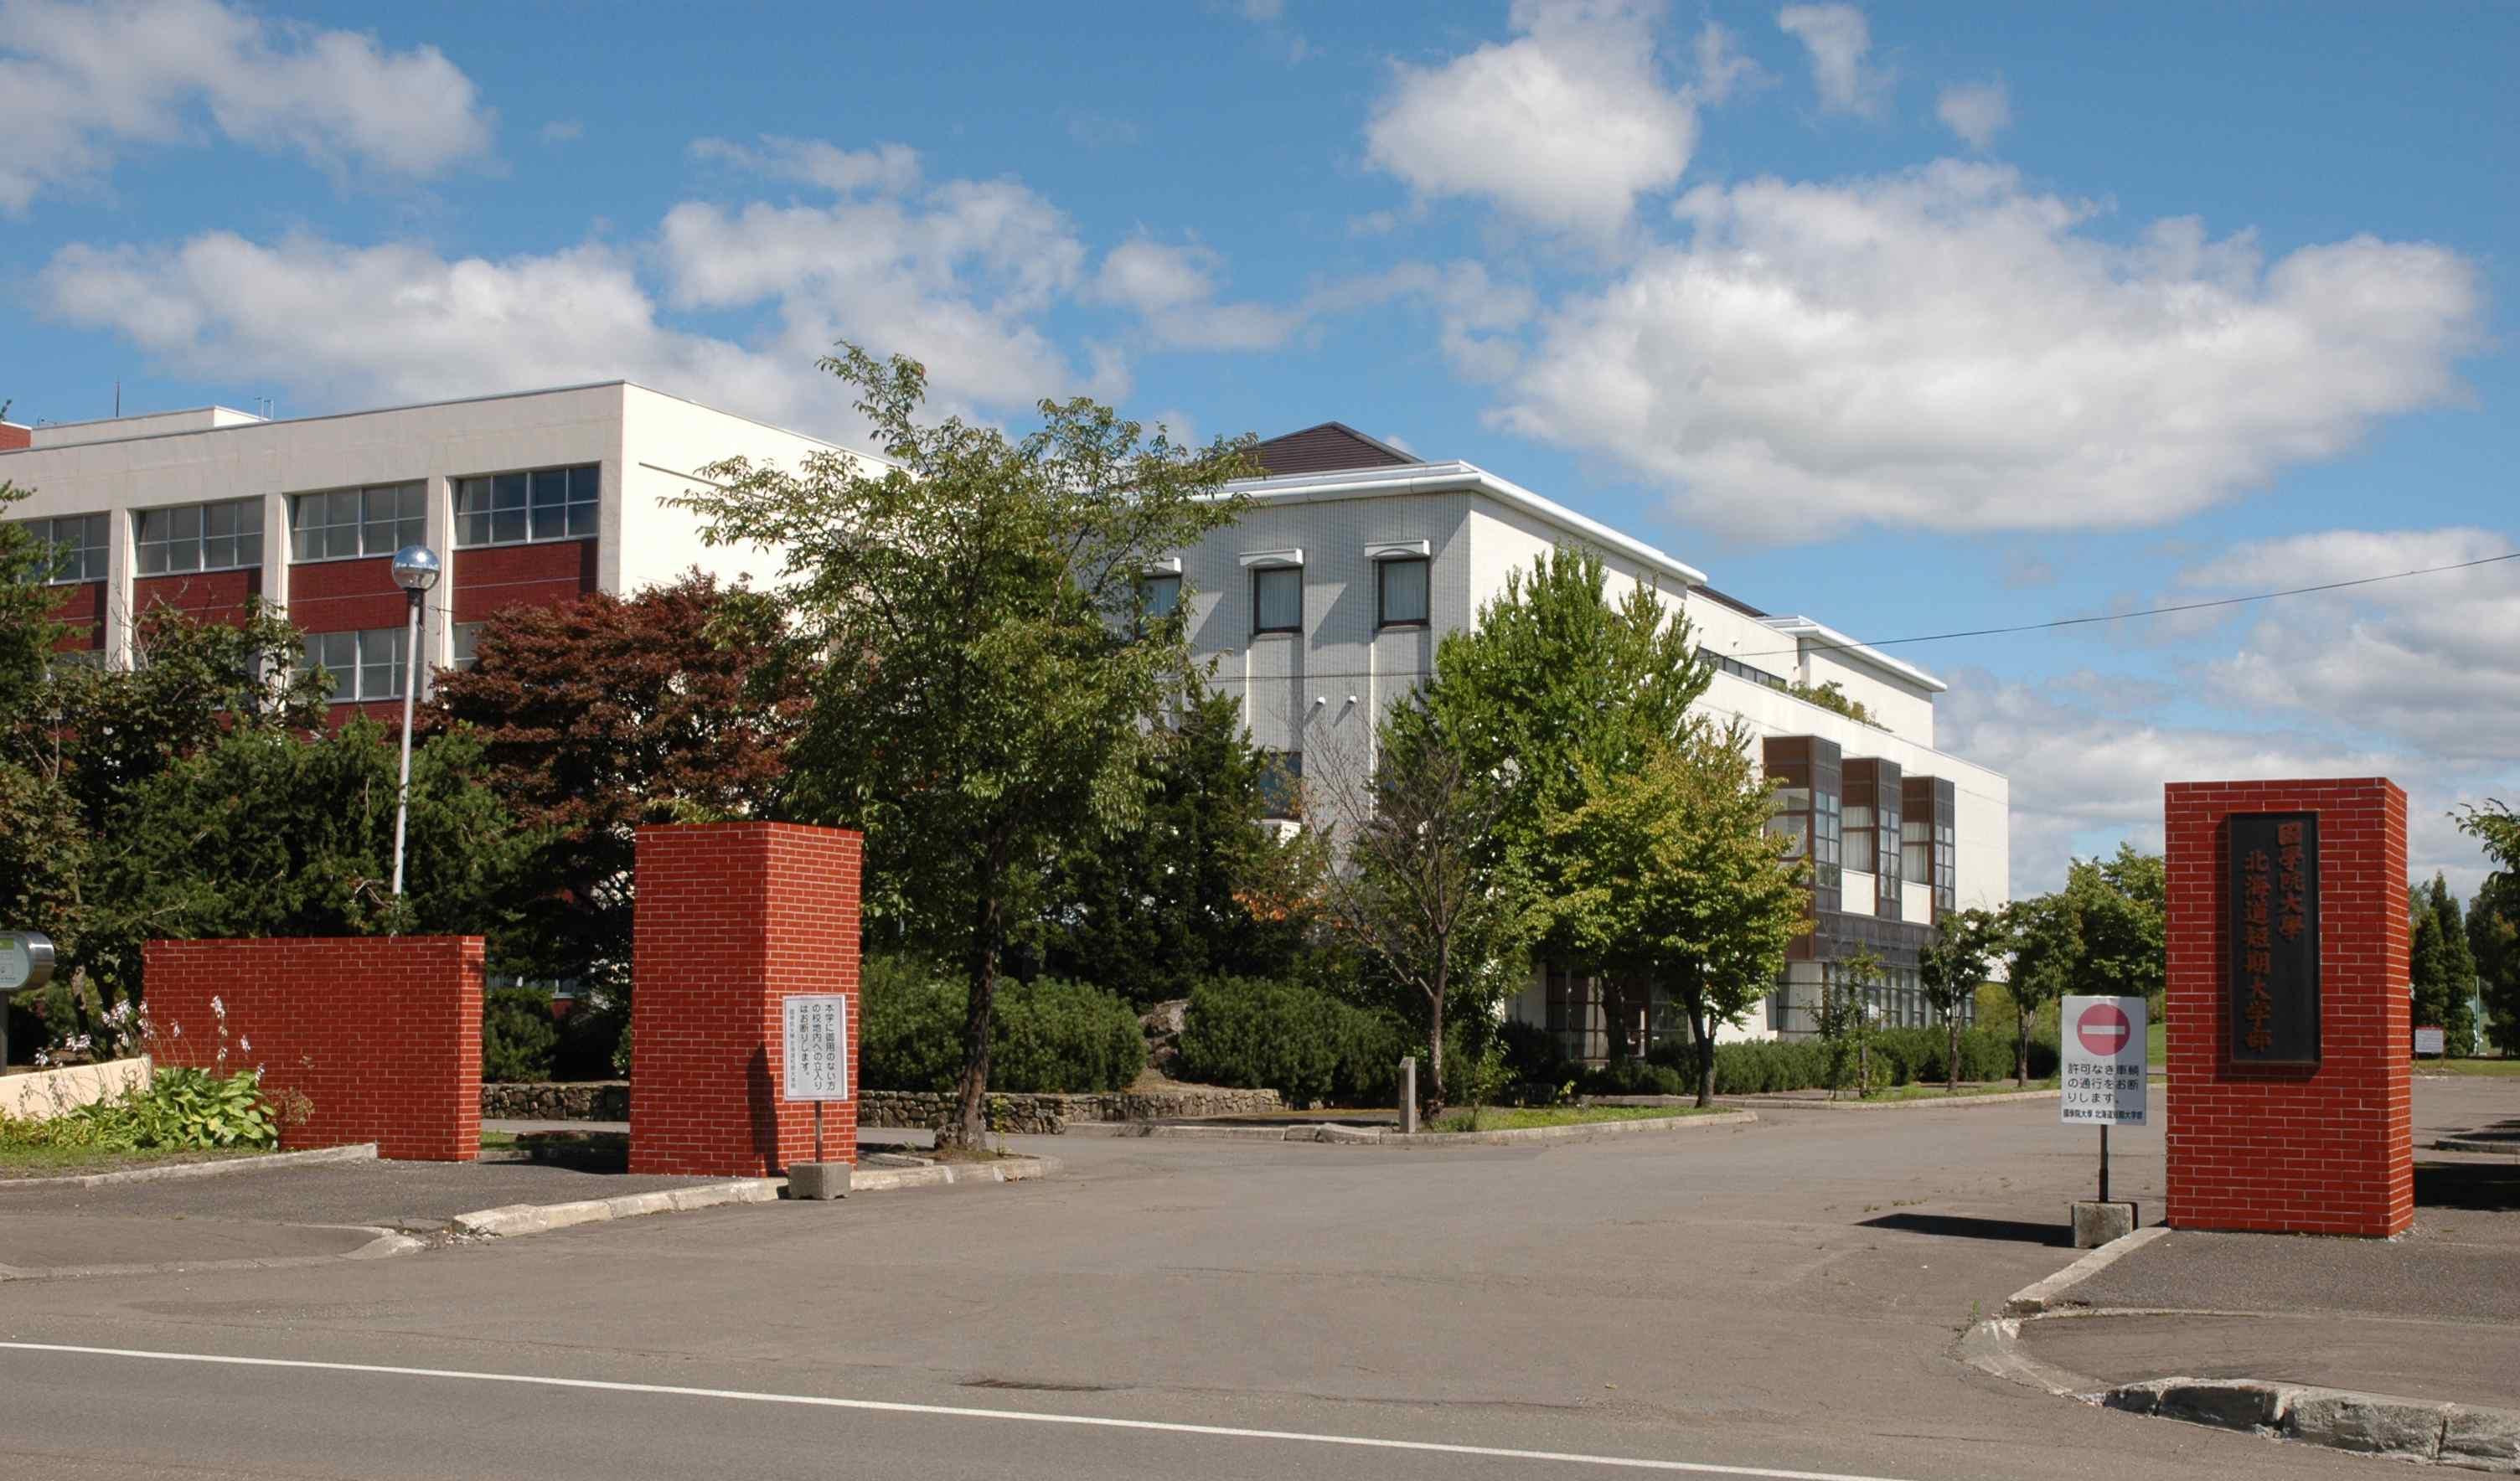 國學院大學北海道短期大学部の教育振興